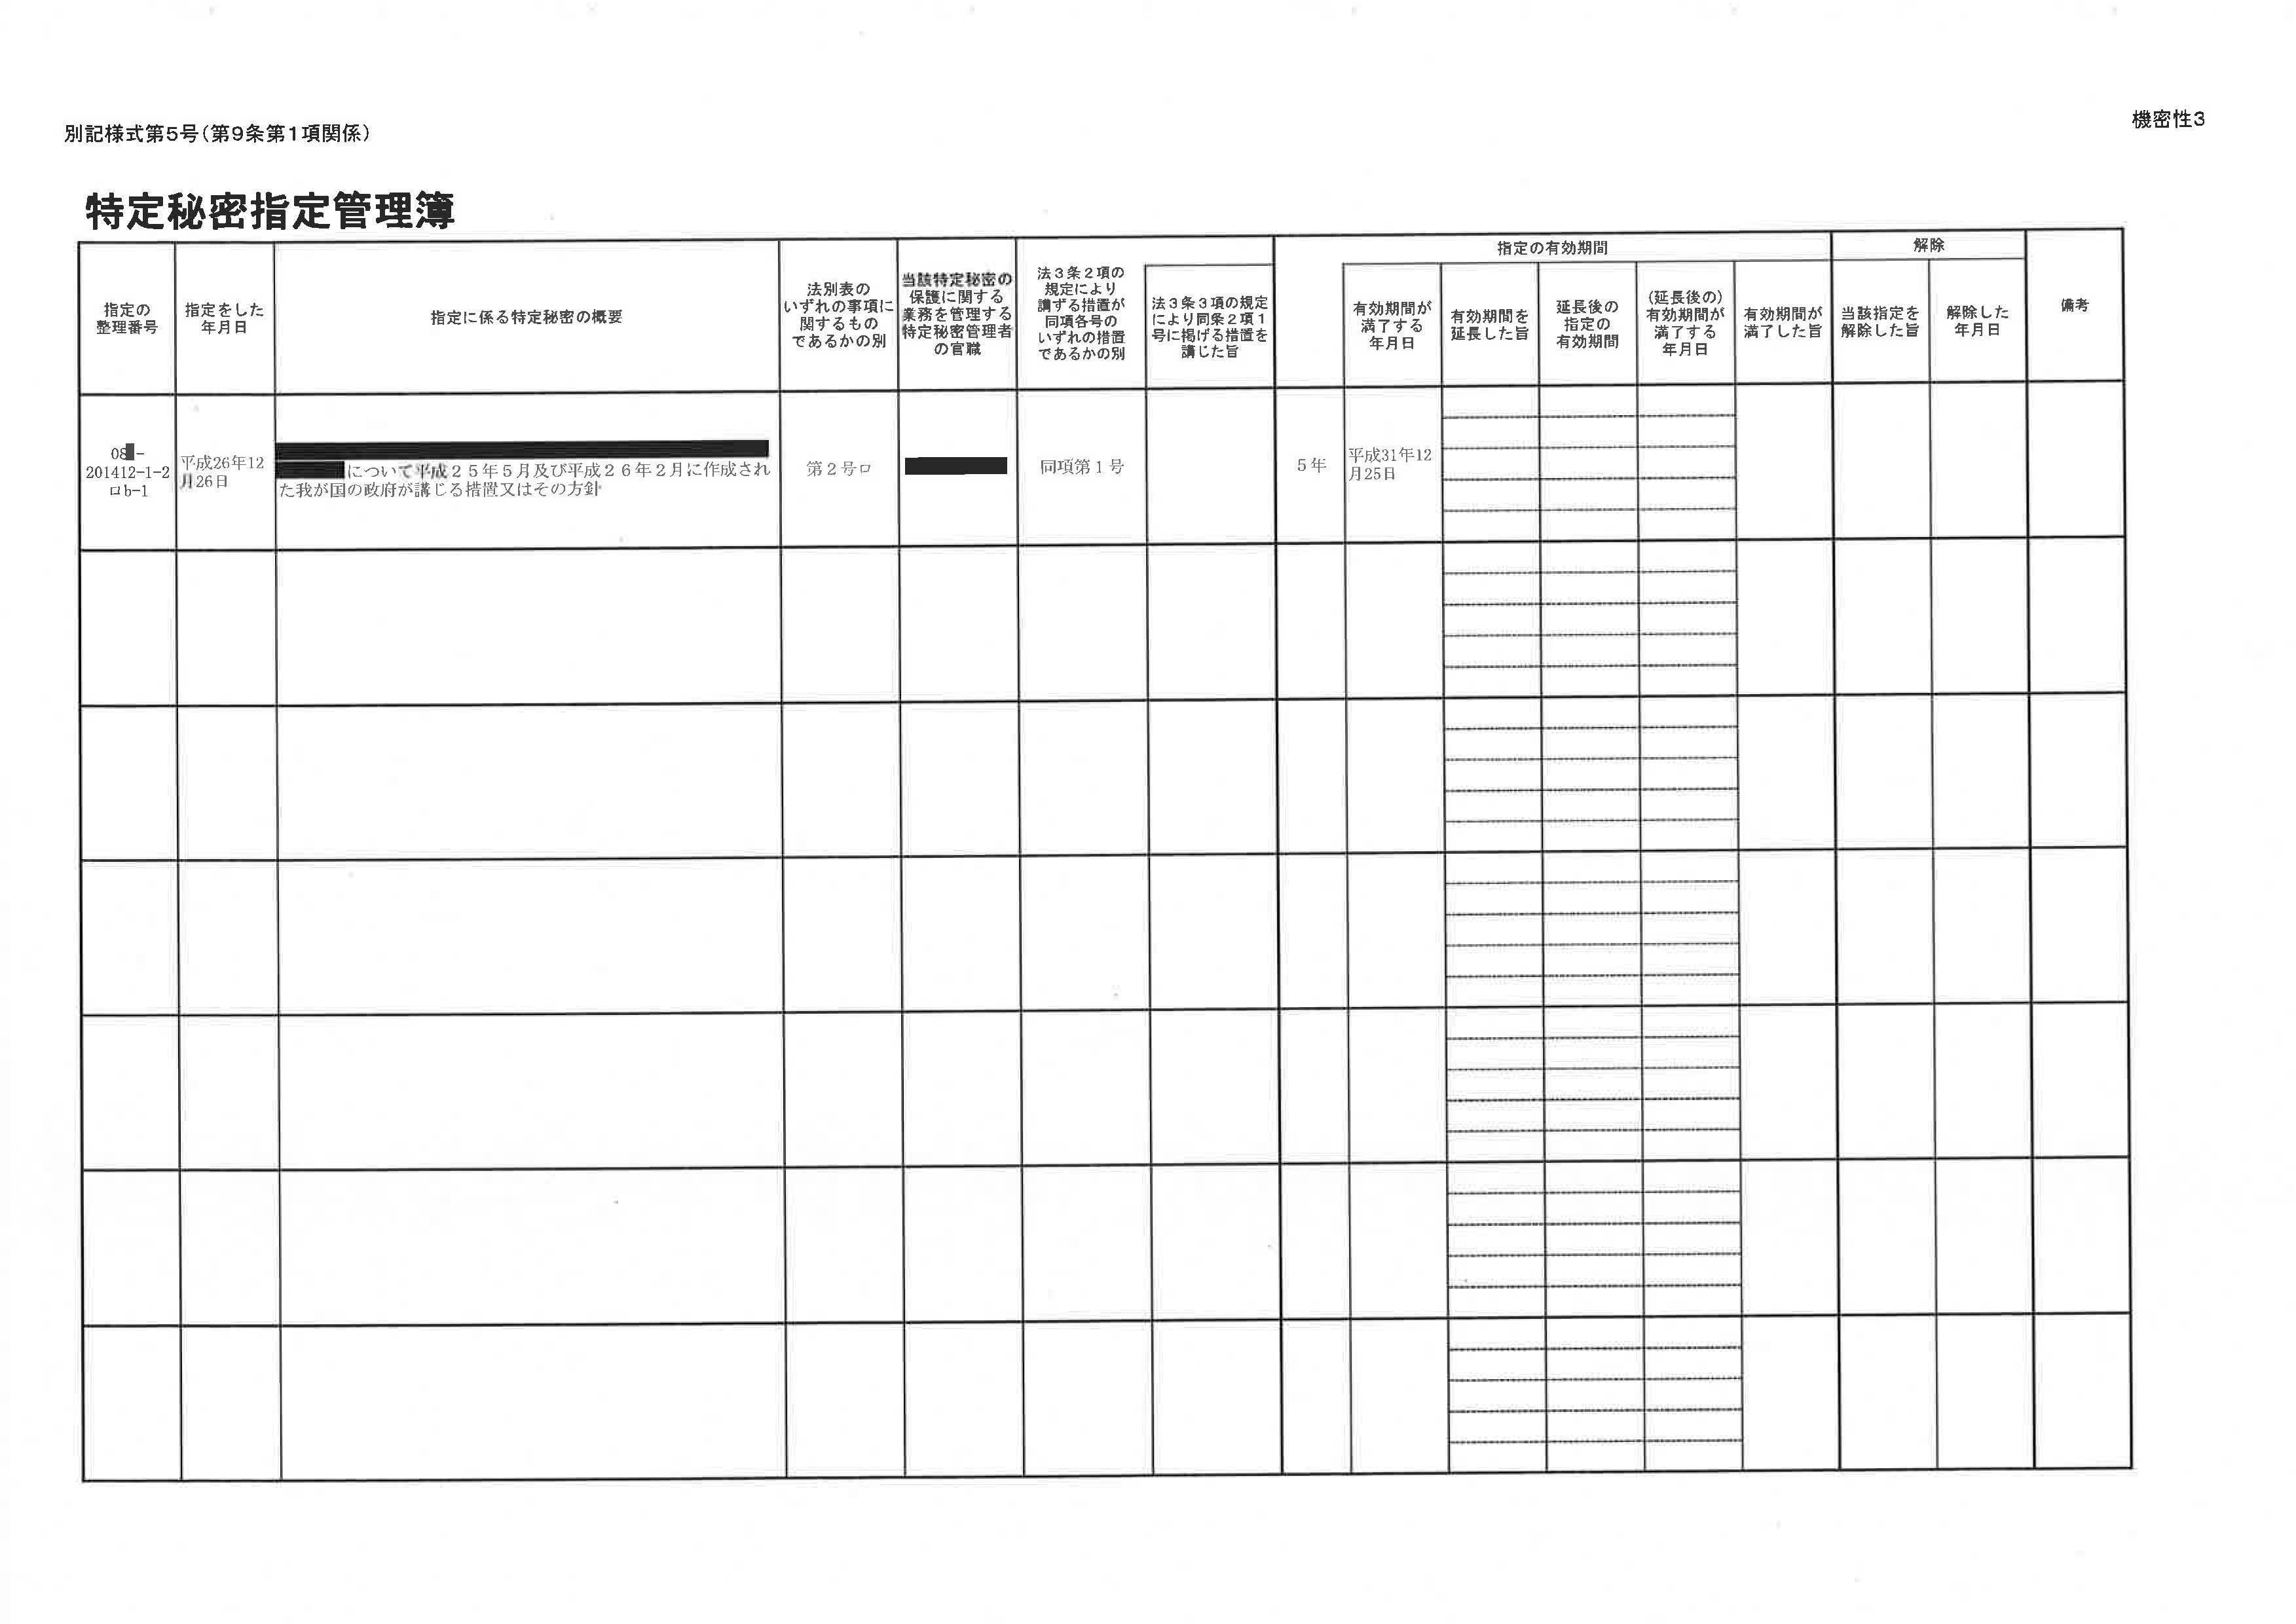 特定秘密指定管理簿 政府は防衛省を除く9省庁140件分を民主党に開示_c0241022_13373624.jpg